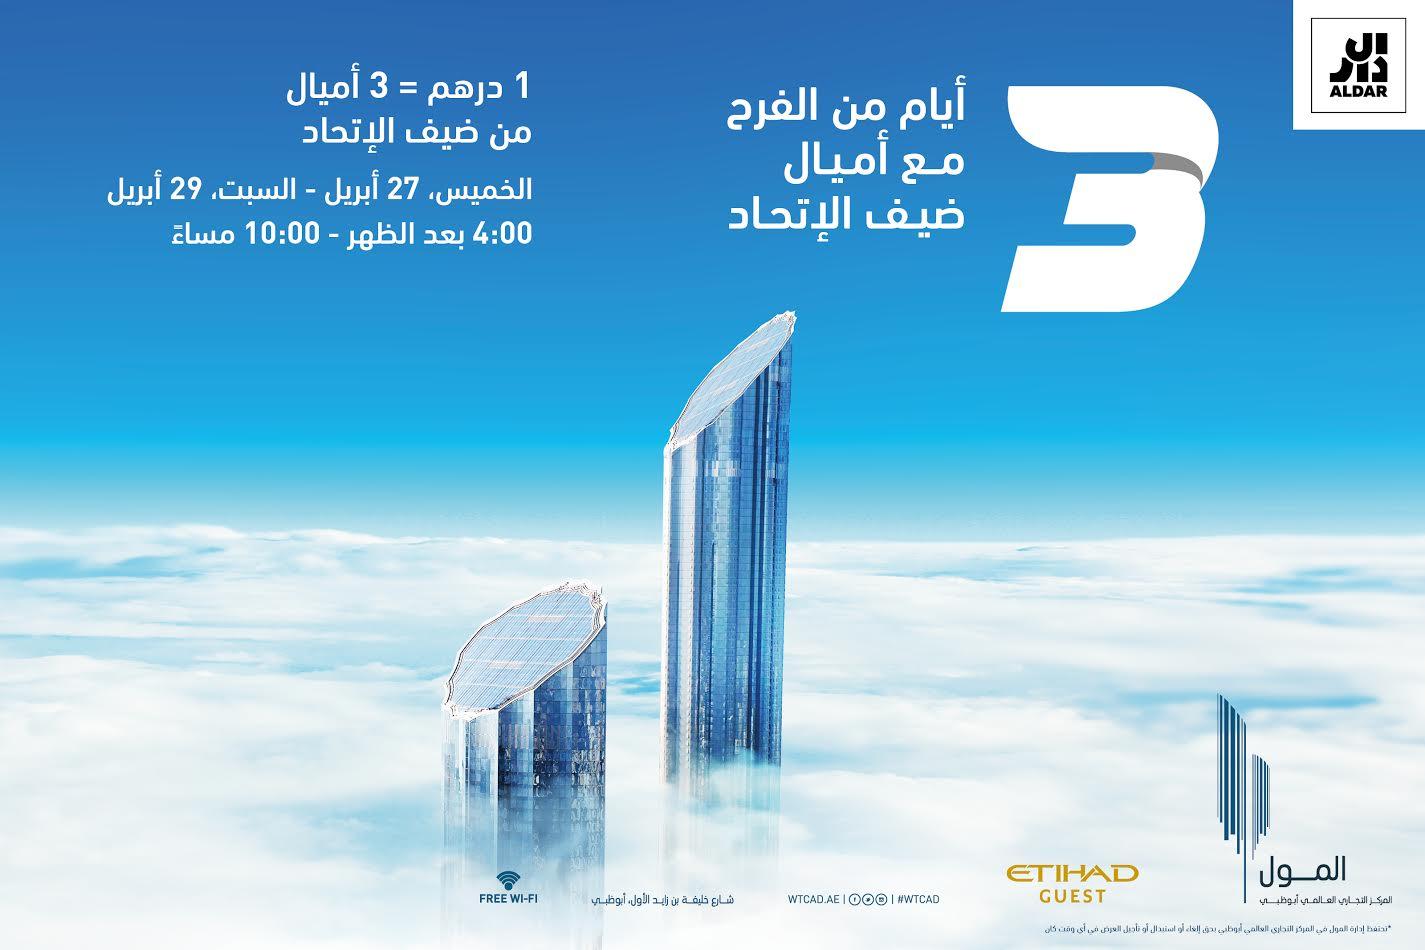 Photo of المول في المركز التجاري العالمي أبوظبي يطلق 3 أيام من الفرح مع أميال ضيف الاتحاد